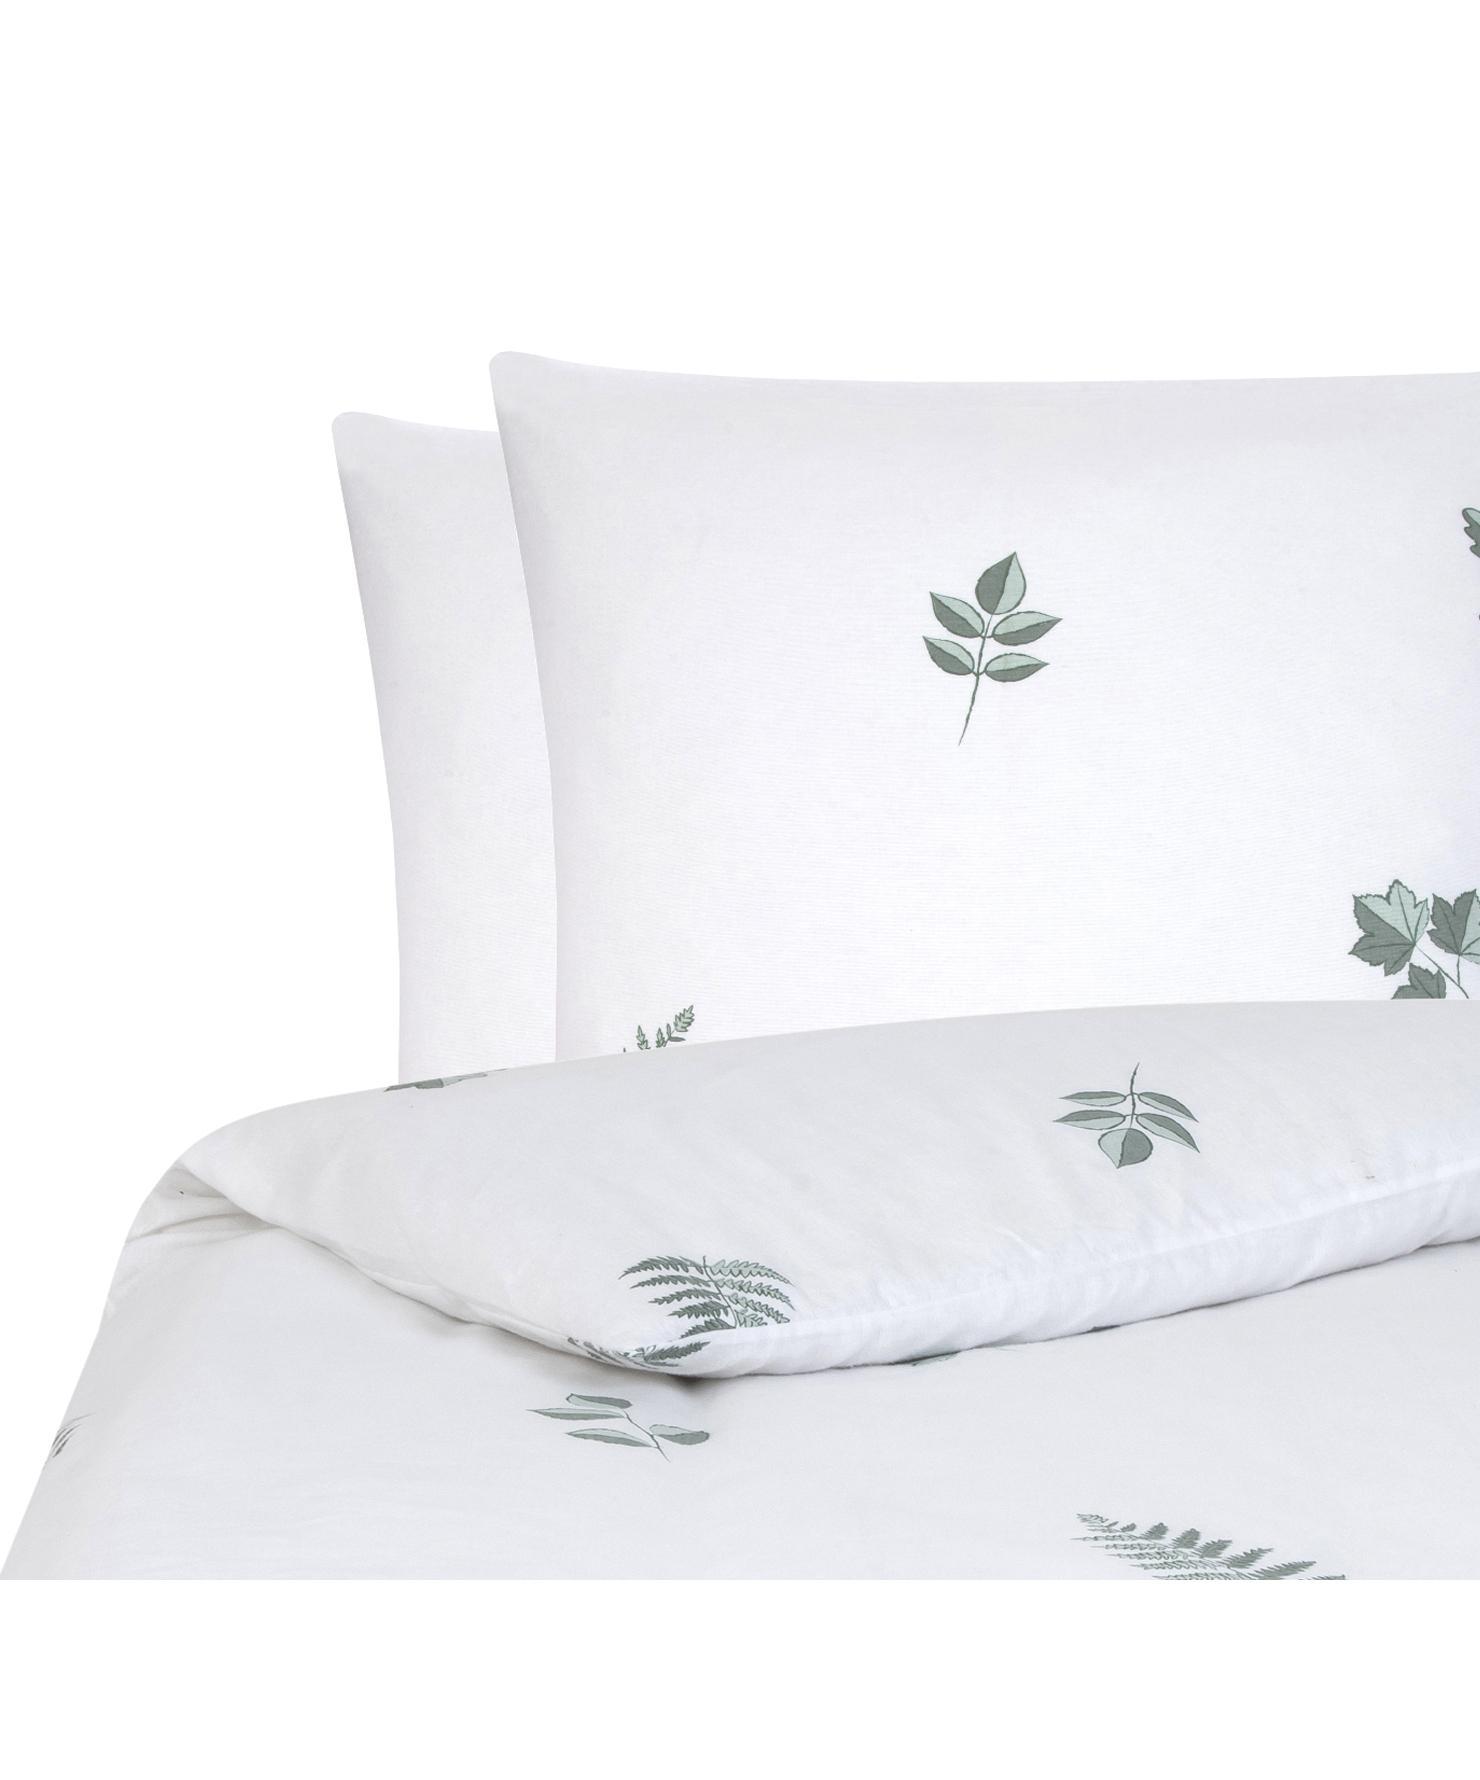 Flanell-Bettwäsche Fraser mit winterlichem Blattmuster, Webart: Flanell Flanell ist ein s, Salbeigrün, Weiß, 200 x 200 cm + 2 Kissen 80 x 80 cm